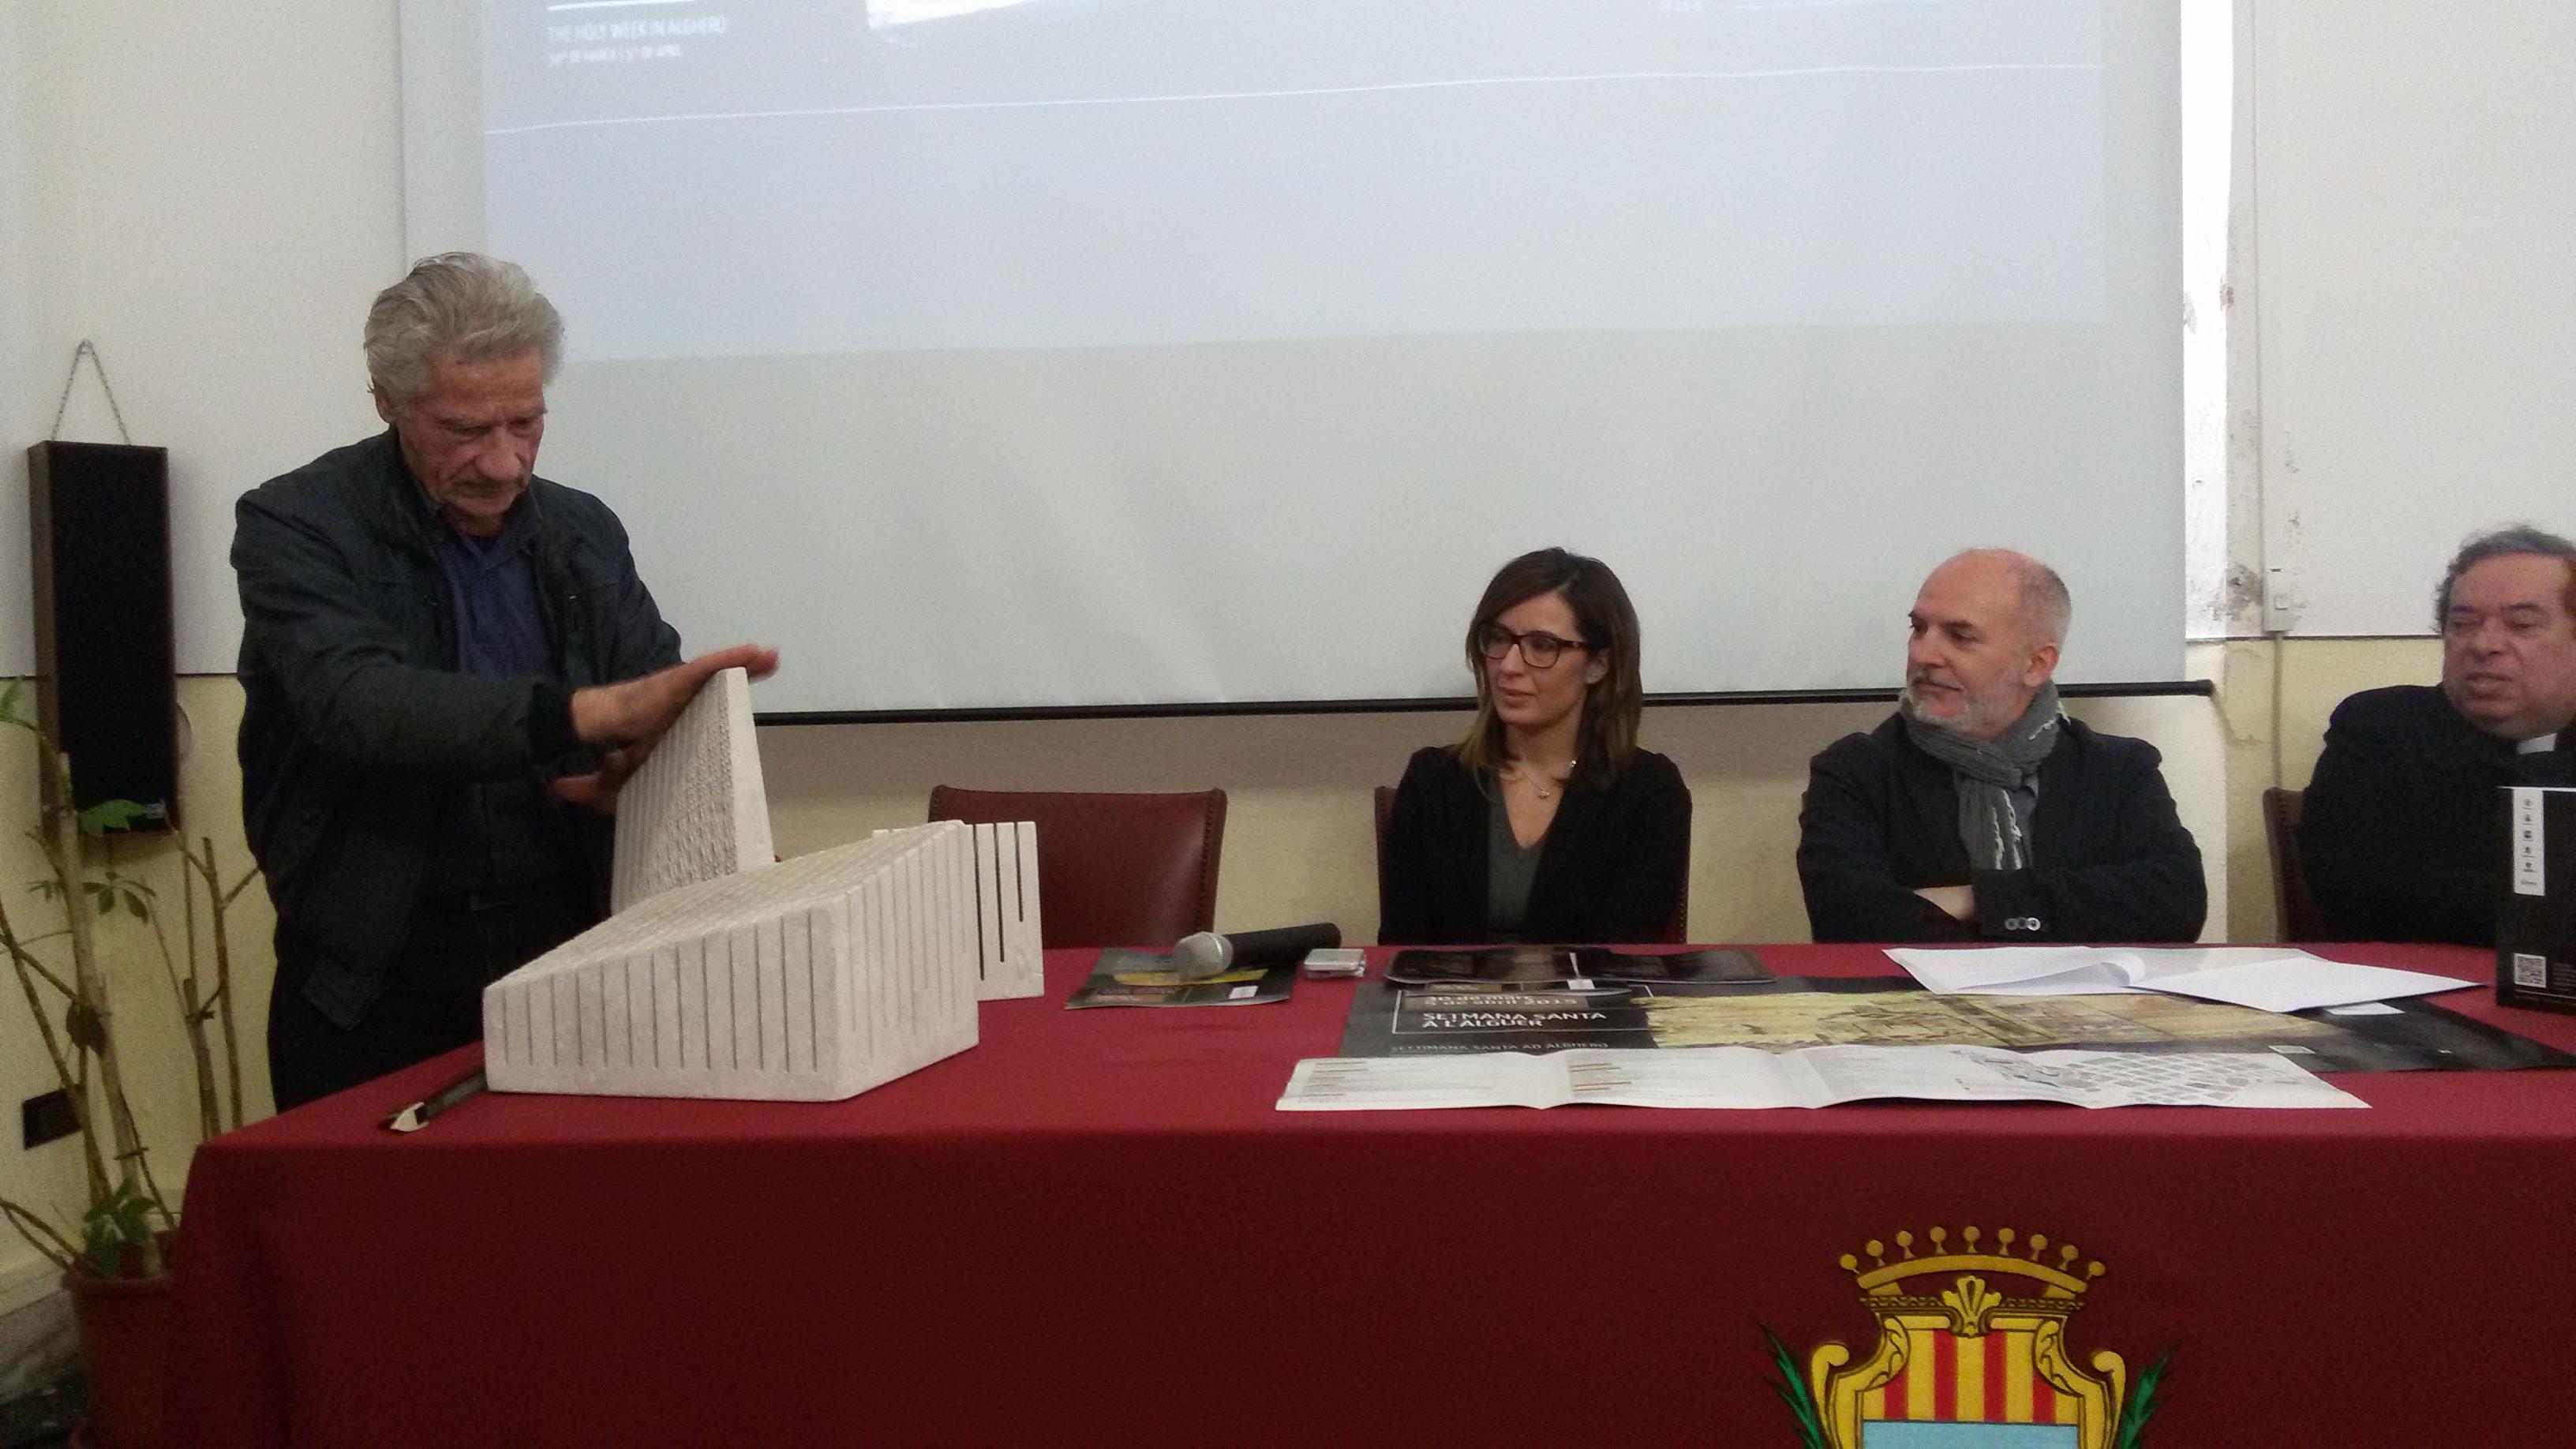 Un omaggio a Gaudí caratterizzerà l'atmosfera della Settimana Santa 2015 a l'Alguer. Il Centro Storico riannoderà i fili con la Catalogna grazie all'arte di Pinuccio Sciola, l'artista inventore delle pietre sonore che realizzerà una mostra ed installazioni nel Centro Storico.